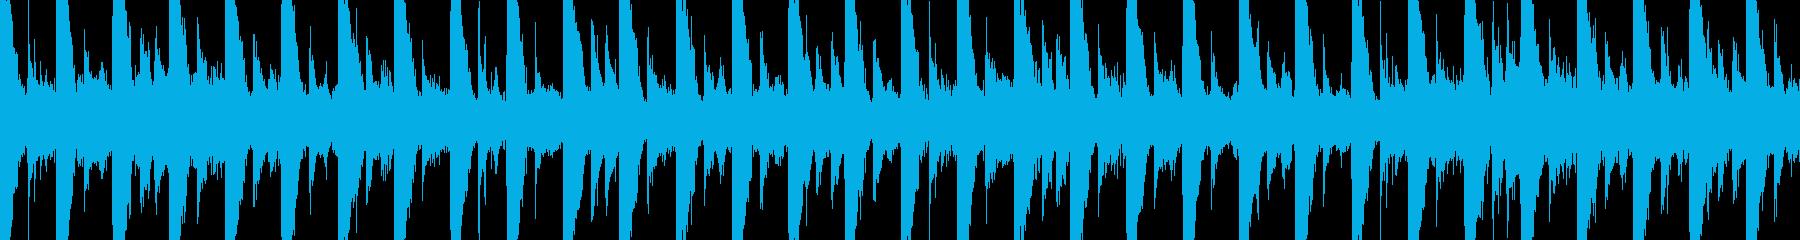 短いループのリザルト風ジングルの再生済みの波形